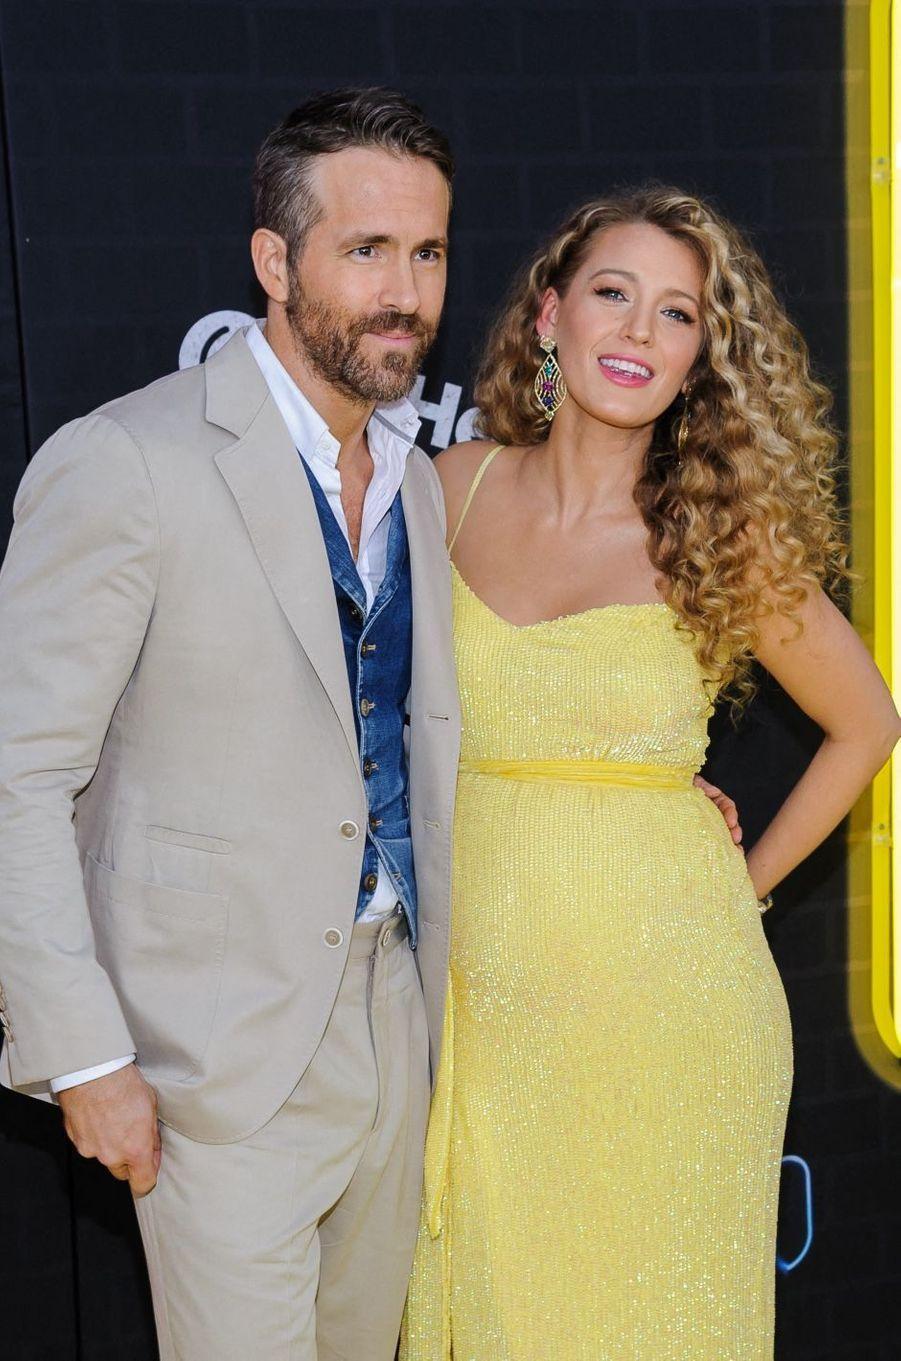 S'ils se sont rencontrés pour la première fois lors du tournage de«Green Lantern» en 2011, Blake Lively et Ryan Reynolds ne pensaient pas être voués au grand amour. C'est lors d'un rendez-vous galant qu'ils se sont retrouvés un an plus tard, mais pas ensemble puisque l'acteur séduisait une autre femme et Blake Lively un autre homme. Ils se sont finalement rendus compte qu'ils étaient faits l'un pour l'autre.